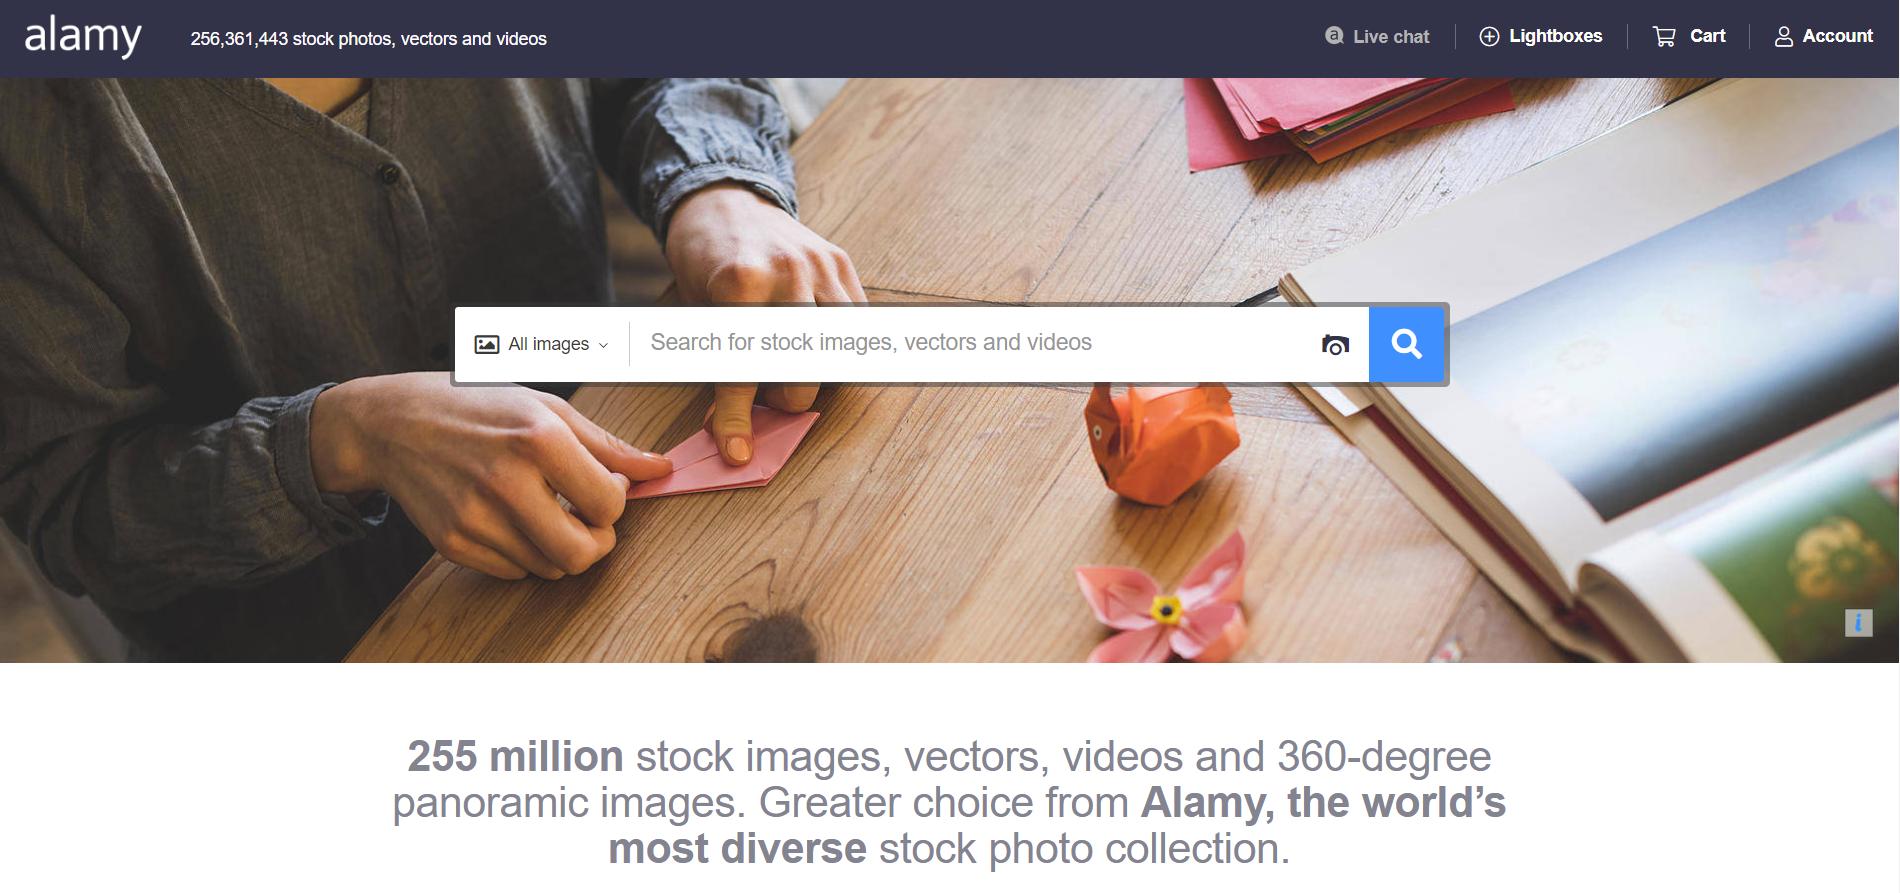 مواقع لبيع الصور والربح منها